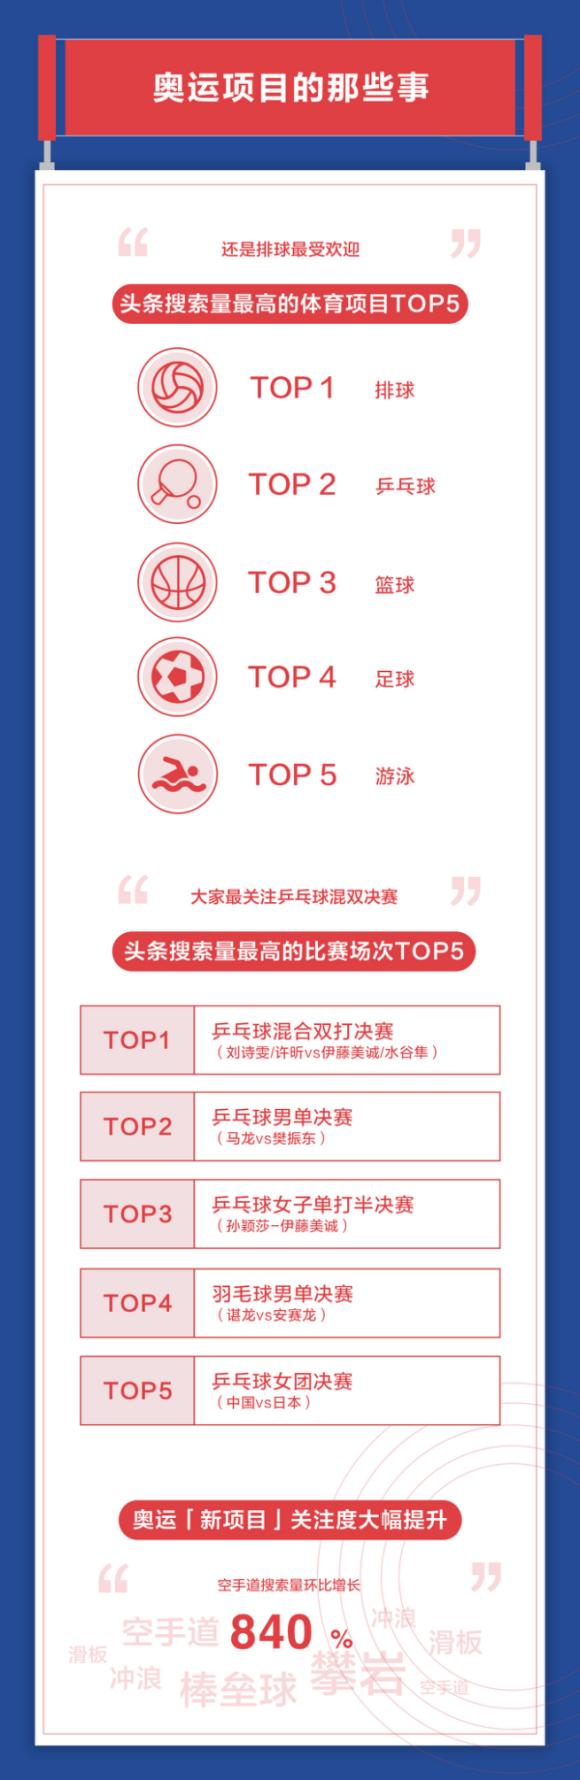 头条搜索发布奥运报告 苏炳添、杨倩和全红婵最受关注